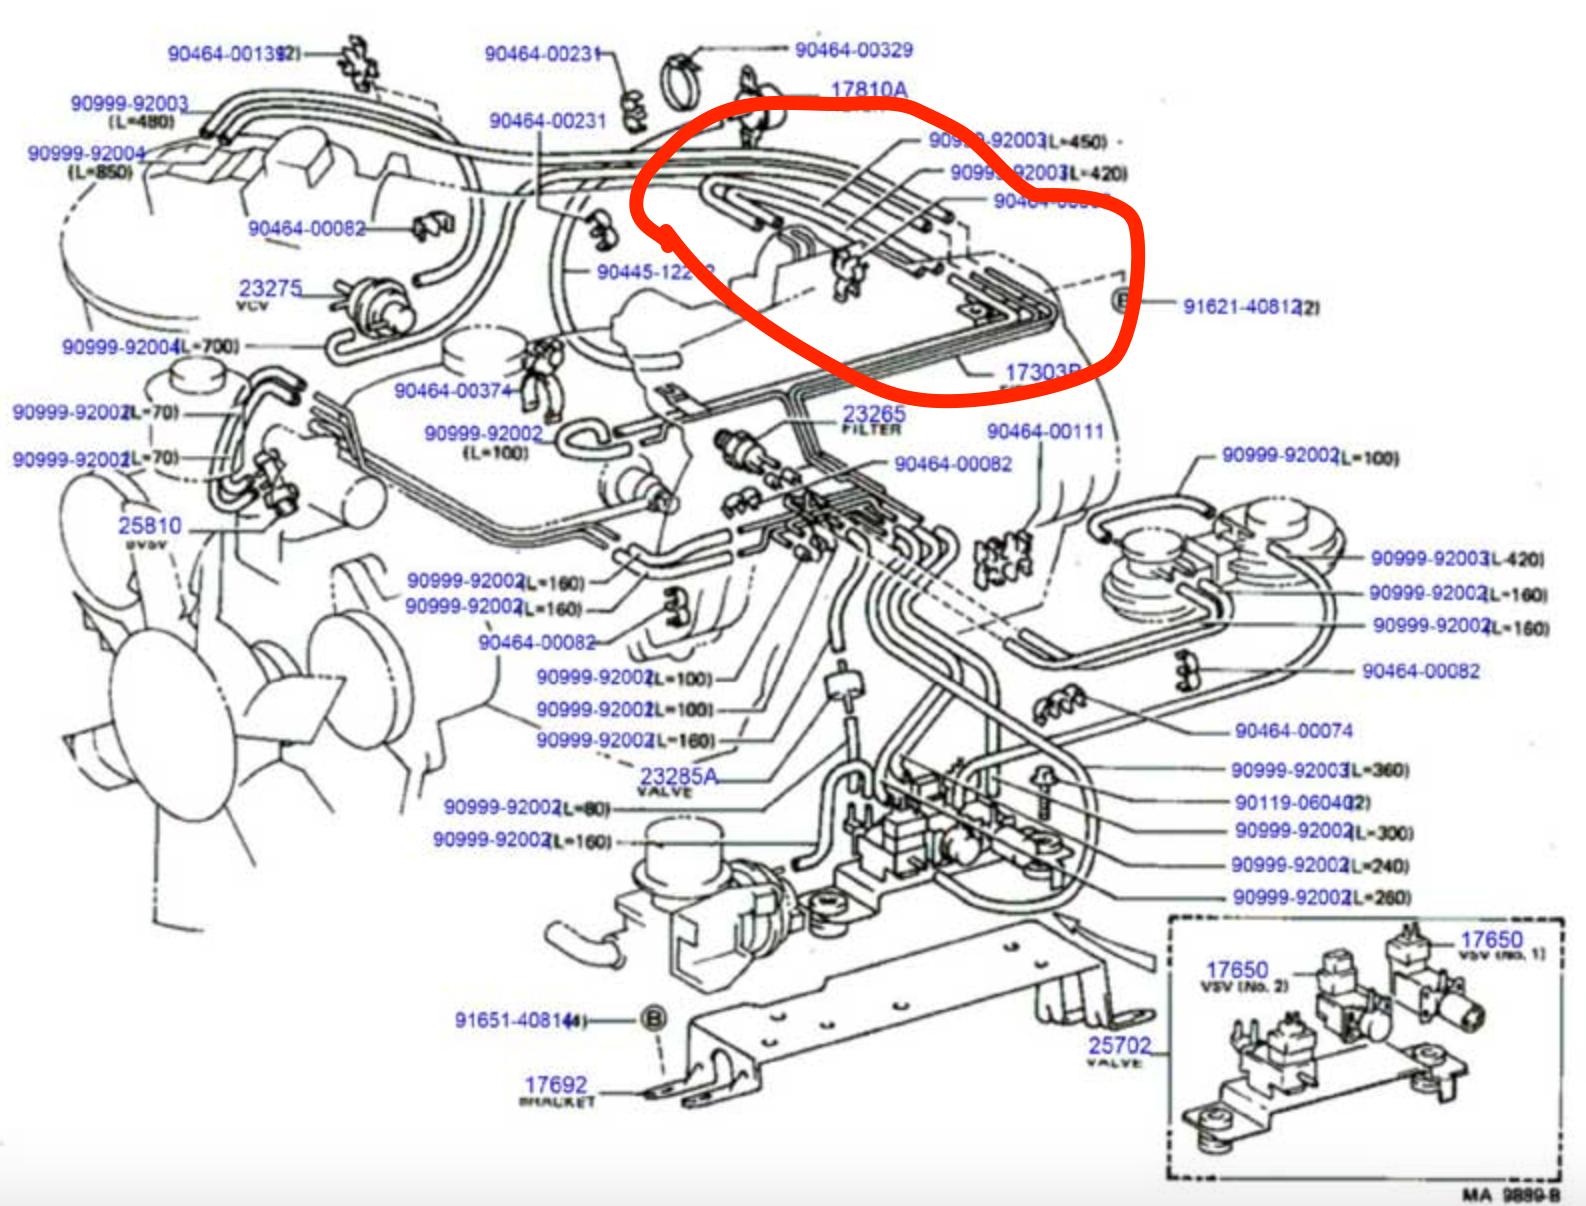 daihatsu vacuum diagram 3fe vacuum hose confusion ih8mud forum  3fe vacuum hose confusion ih8mud forum